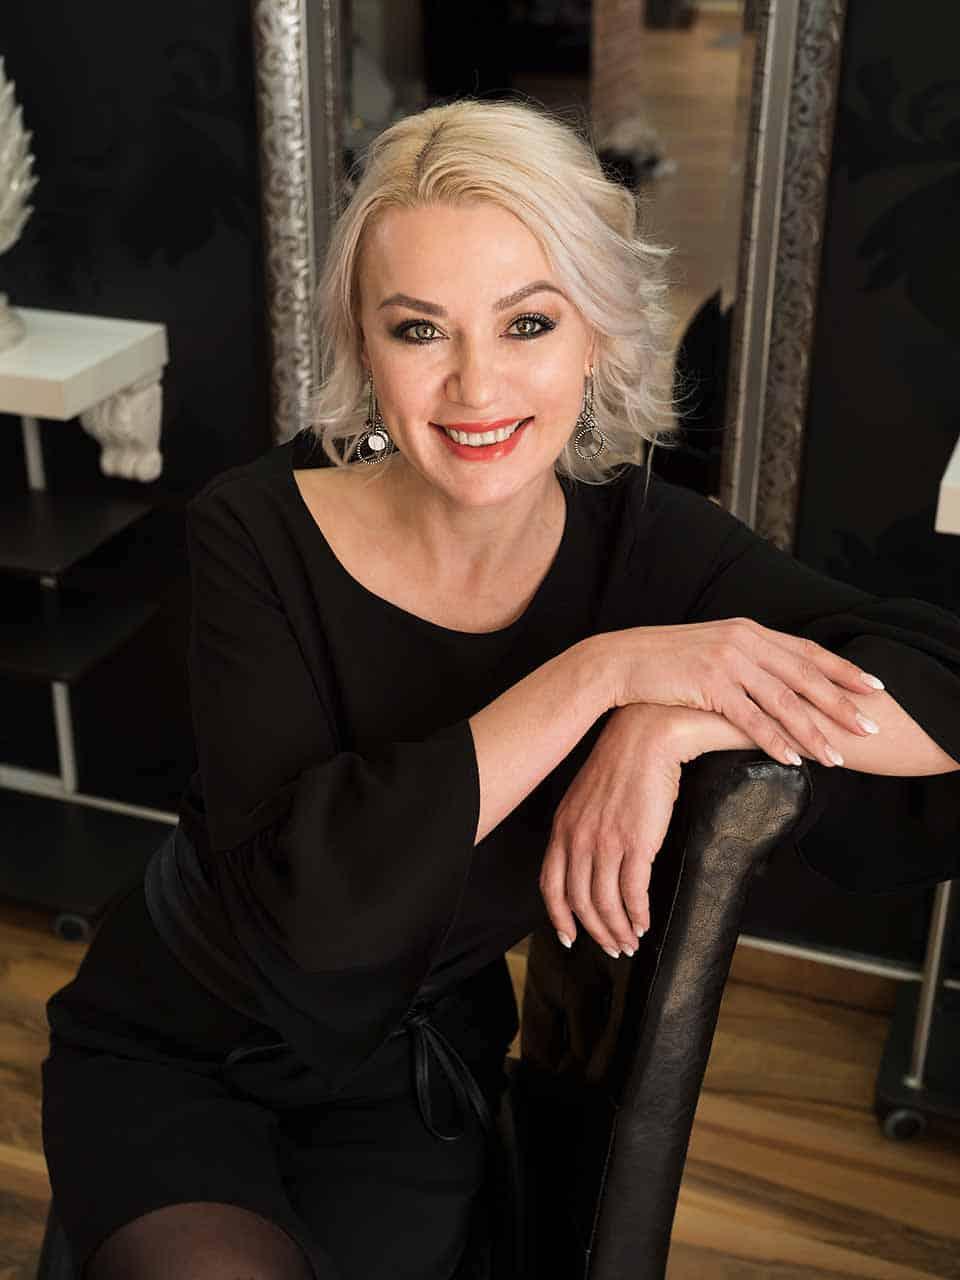 Haarstudio Barock Team Ella Diesendorf Einzelfoto